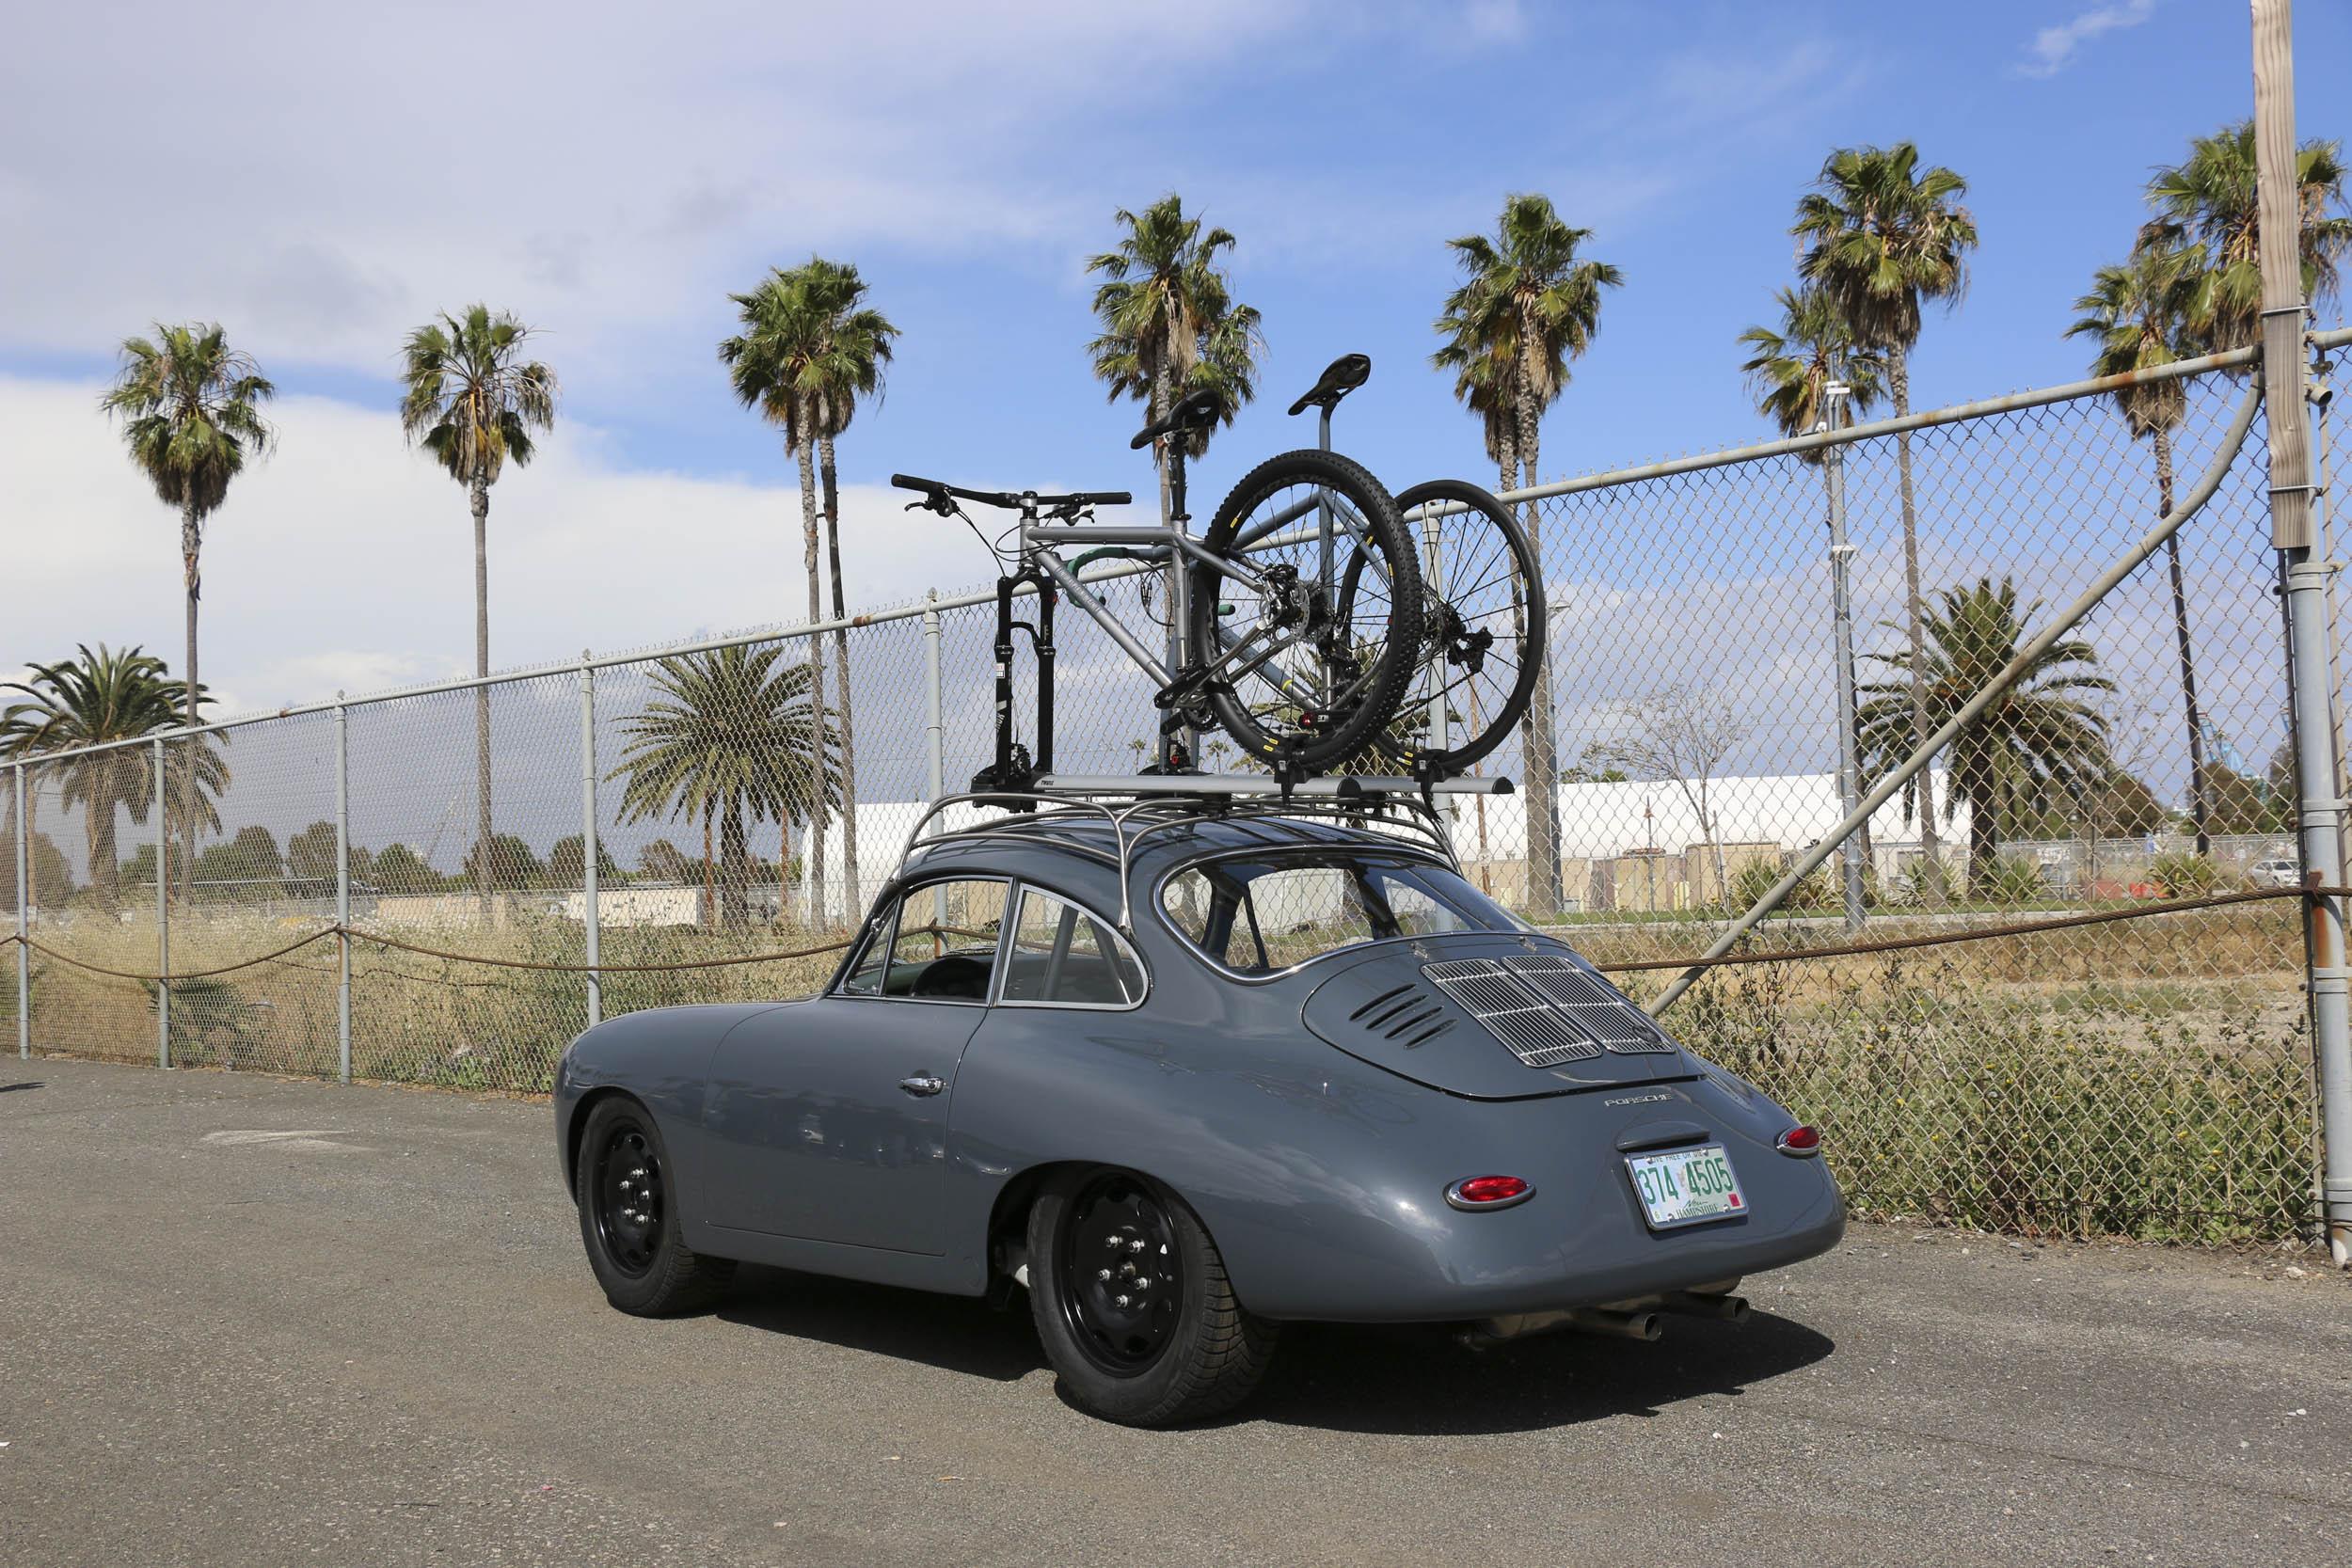 Emory Porsche 356 C4S Allrad bikes on roof